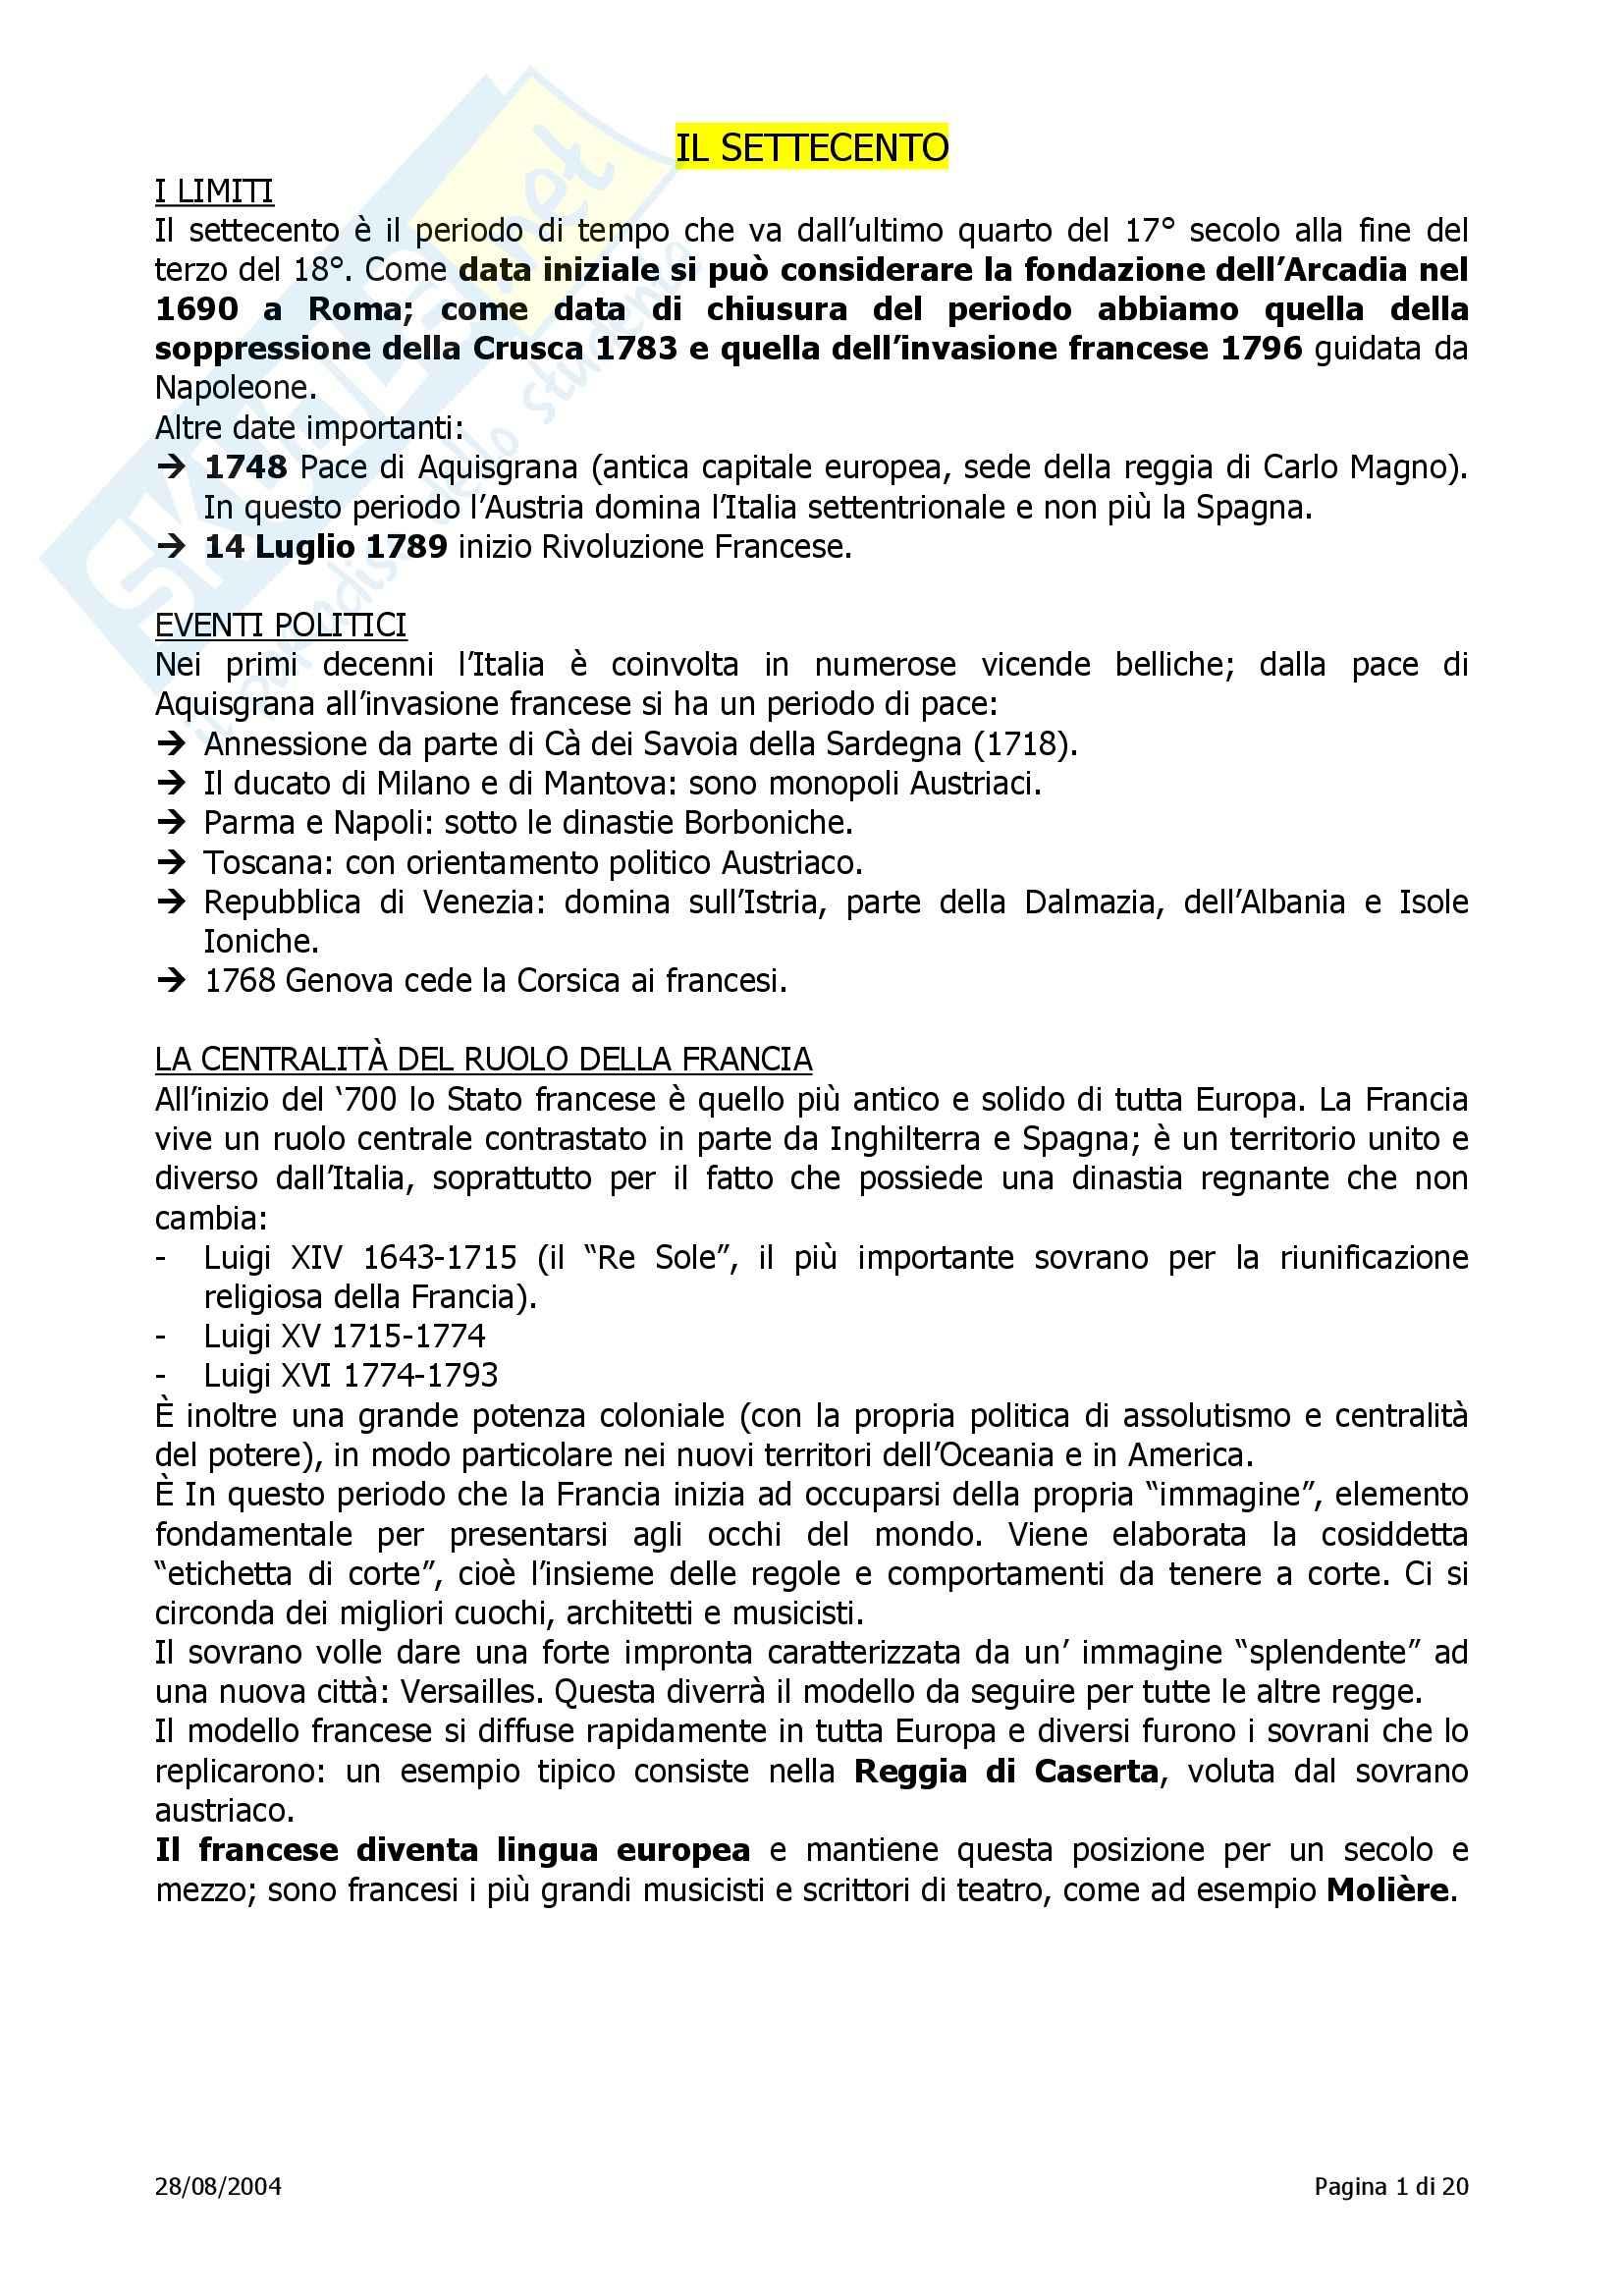 appunto G. Gaspari Tecniche espressive e composizioni